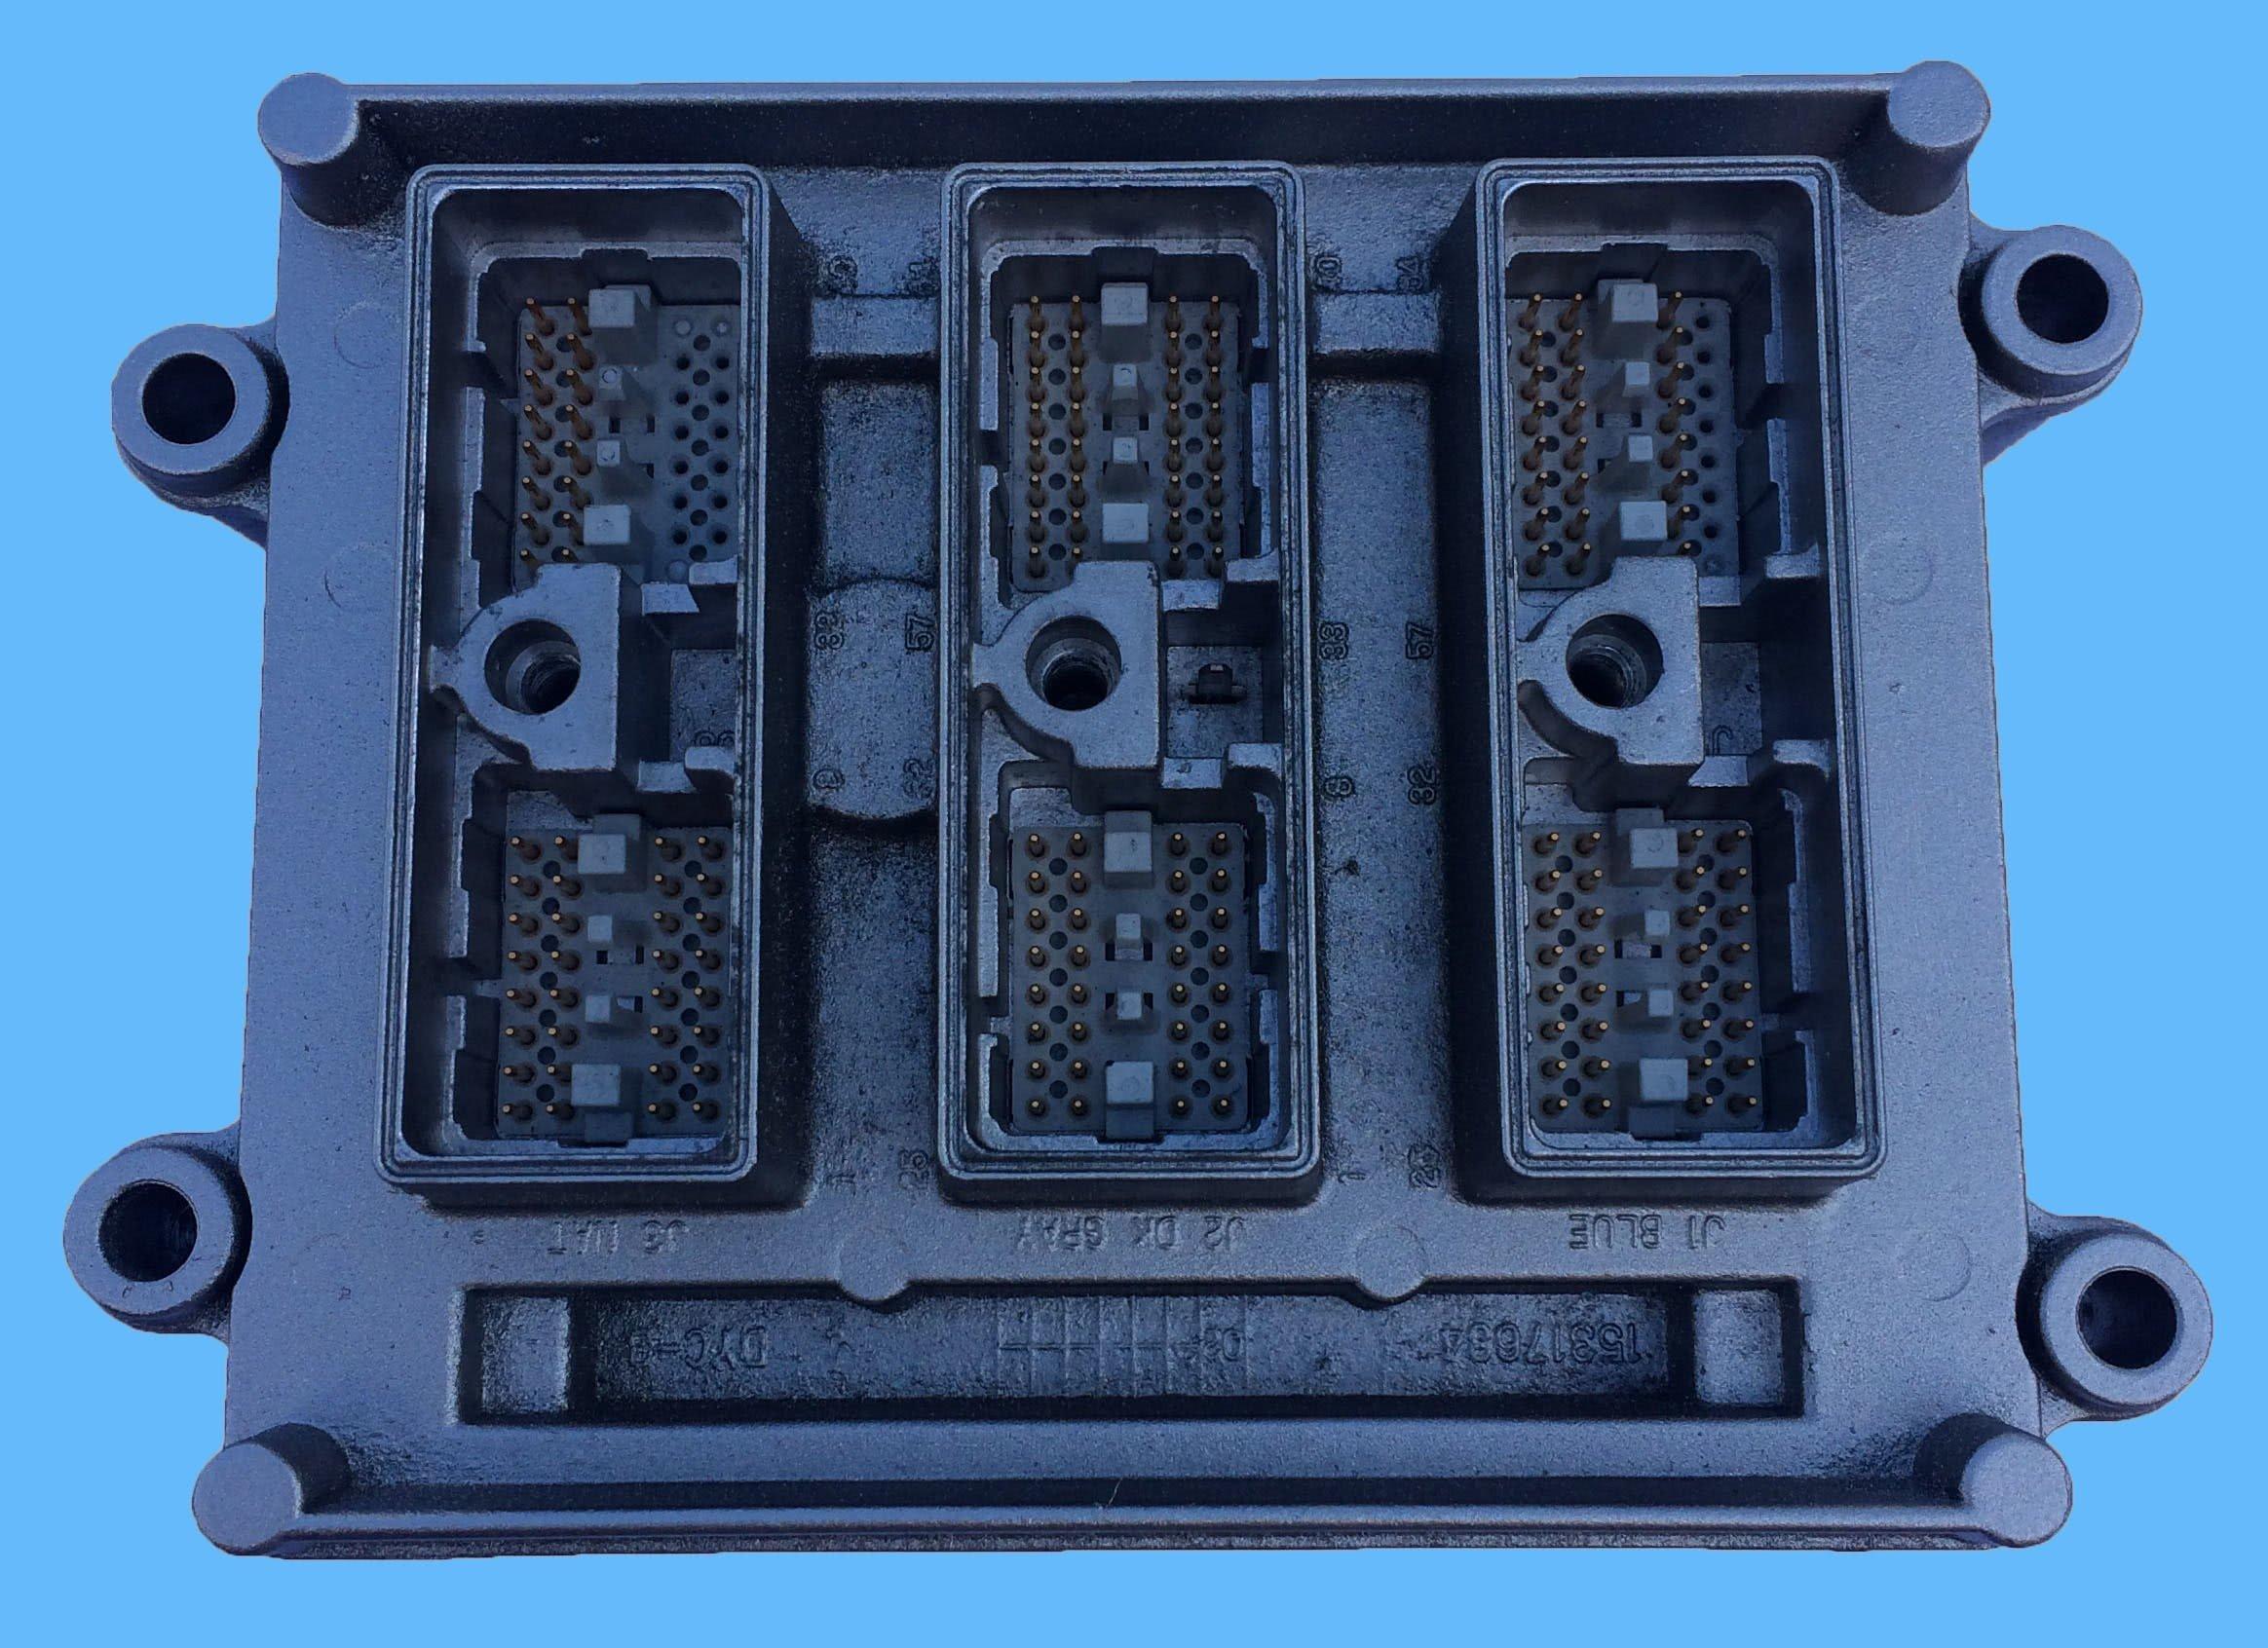 2004 Oldsmobile Bravada 4.2 L6 Cylinder Gas Engine Control Module ECM / PCM - Engine Control Module